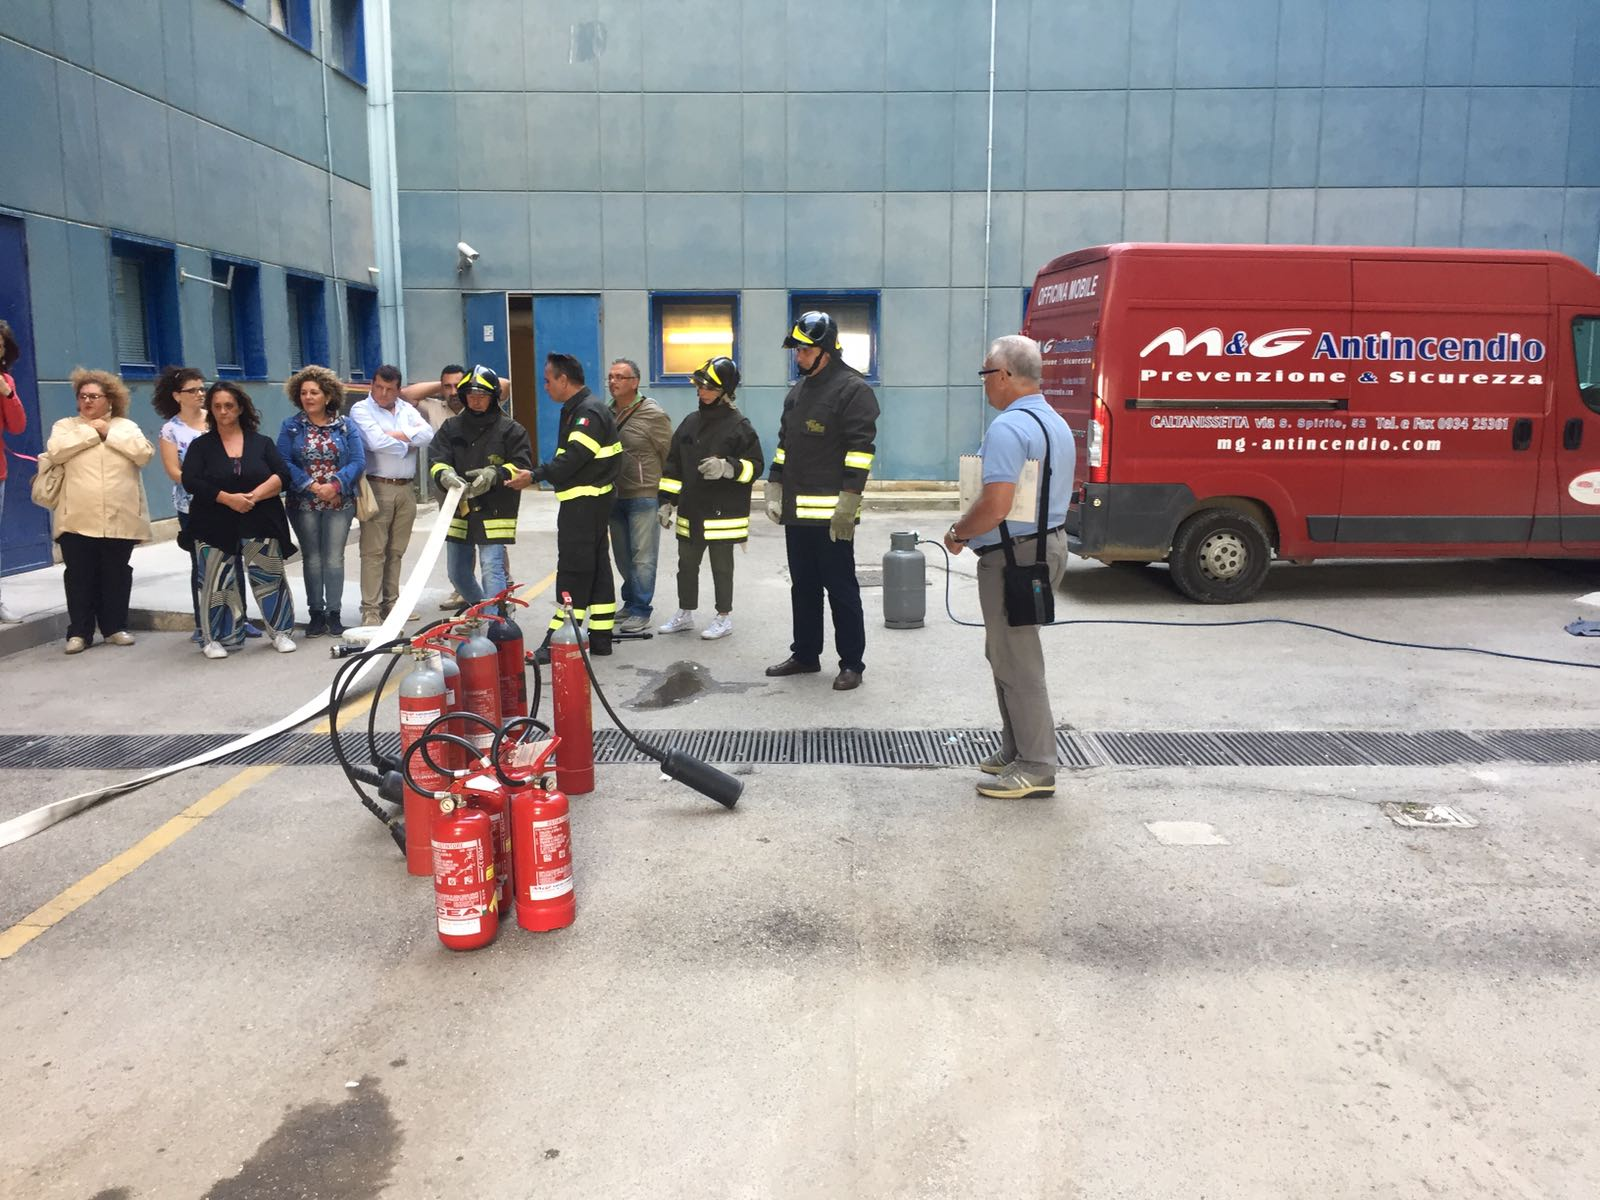 Formazione Antincendio